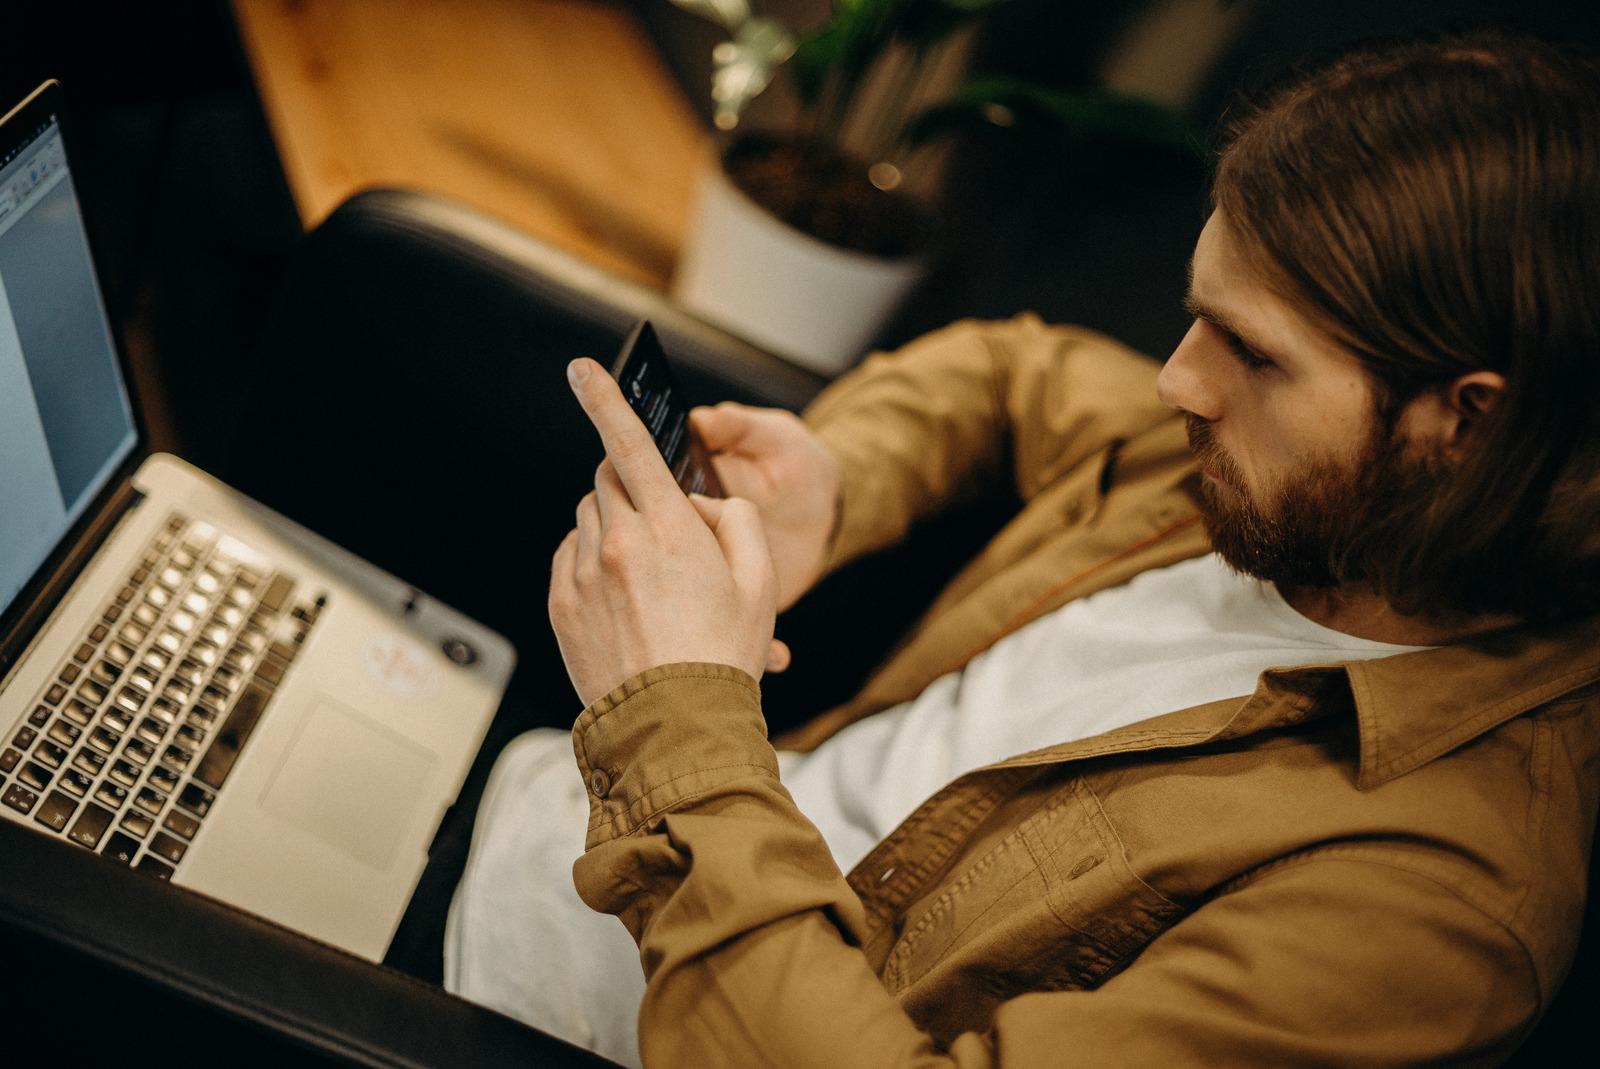 Телфин предоставляет виртуальную АТС для бизнеса бесплатно в период карантина